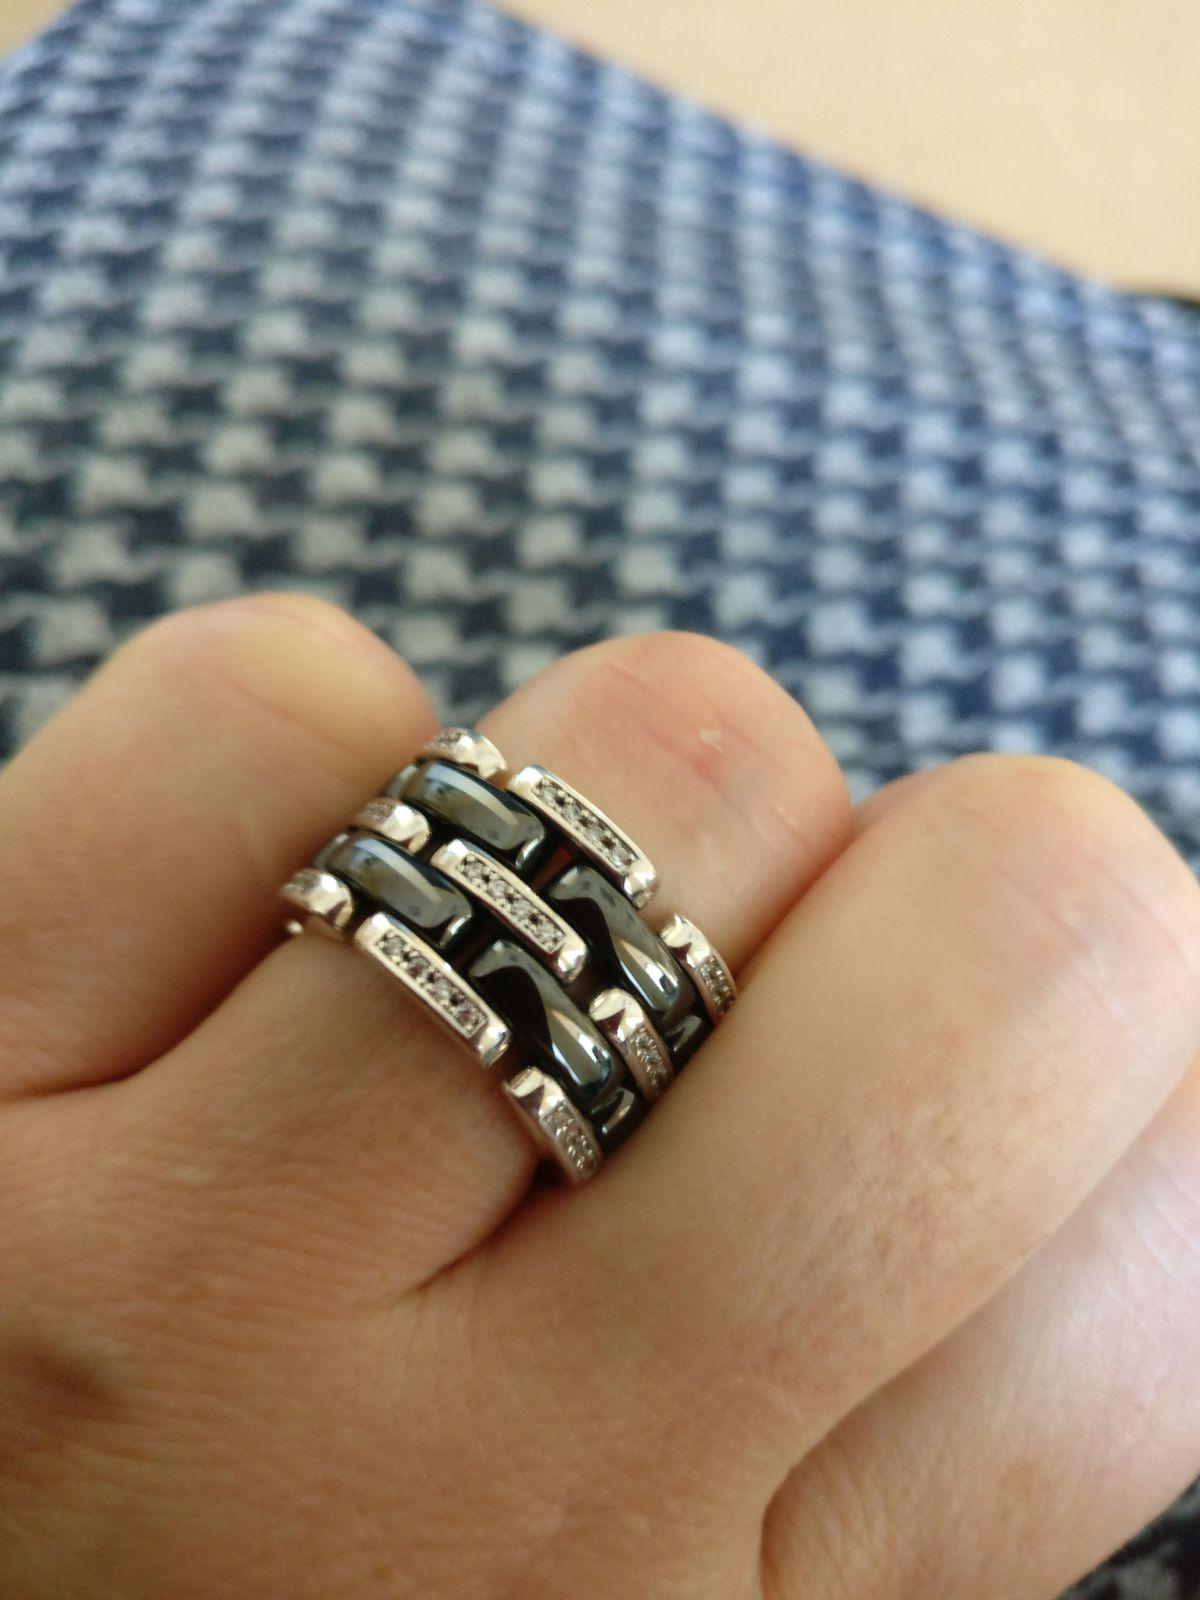 Складывающееся кольцо